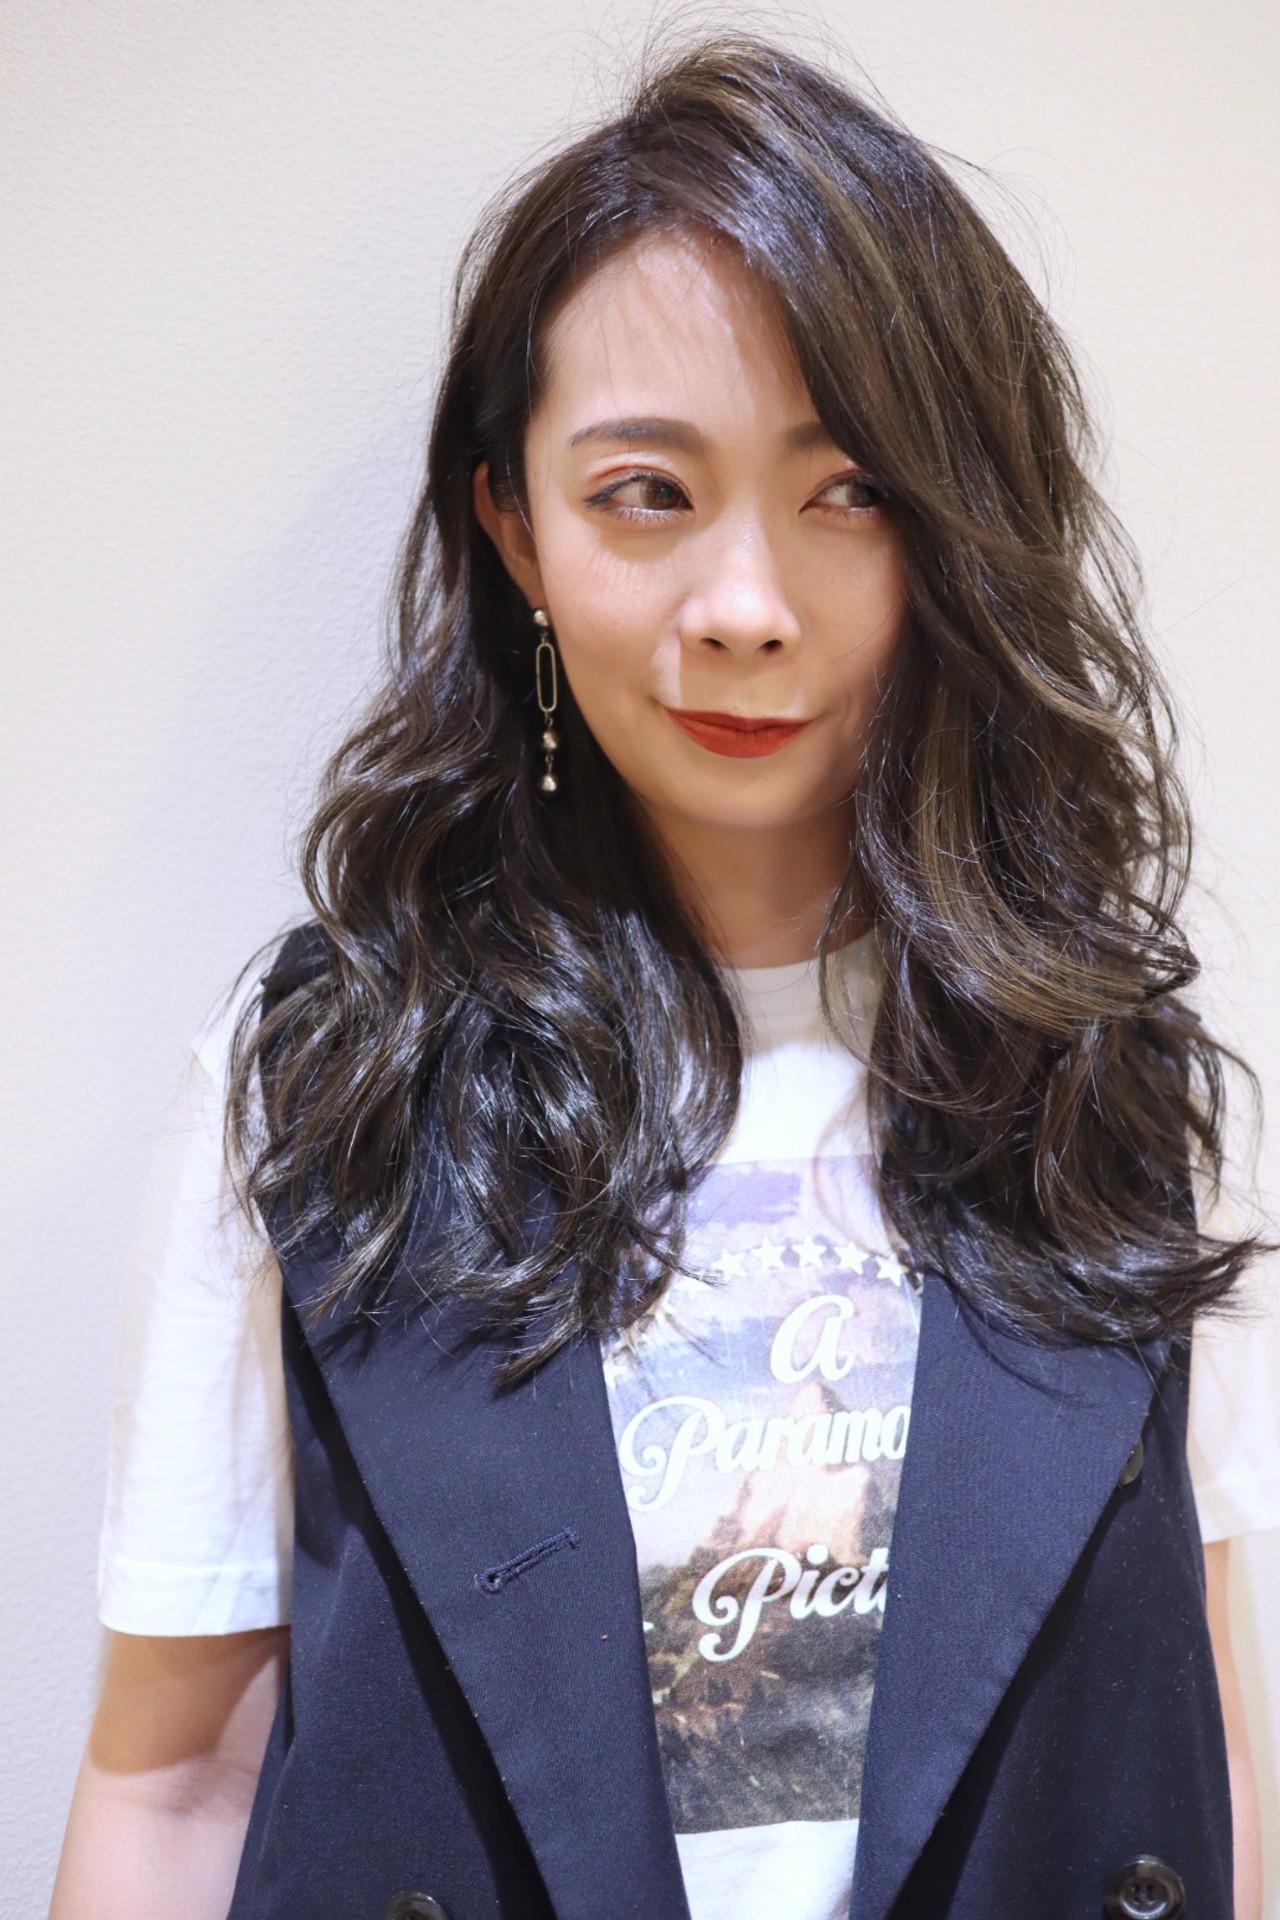 大人女子のエレガントさを底上げしてくれるグレージュのハイライトカラー 桐山 裕也髪の修復専門店 DeuxAge